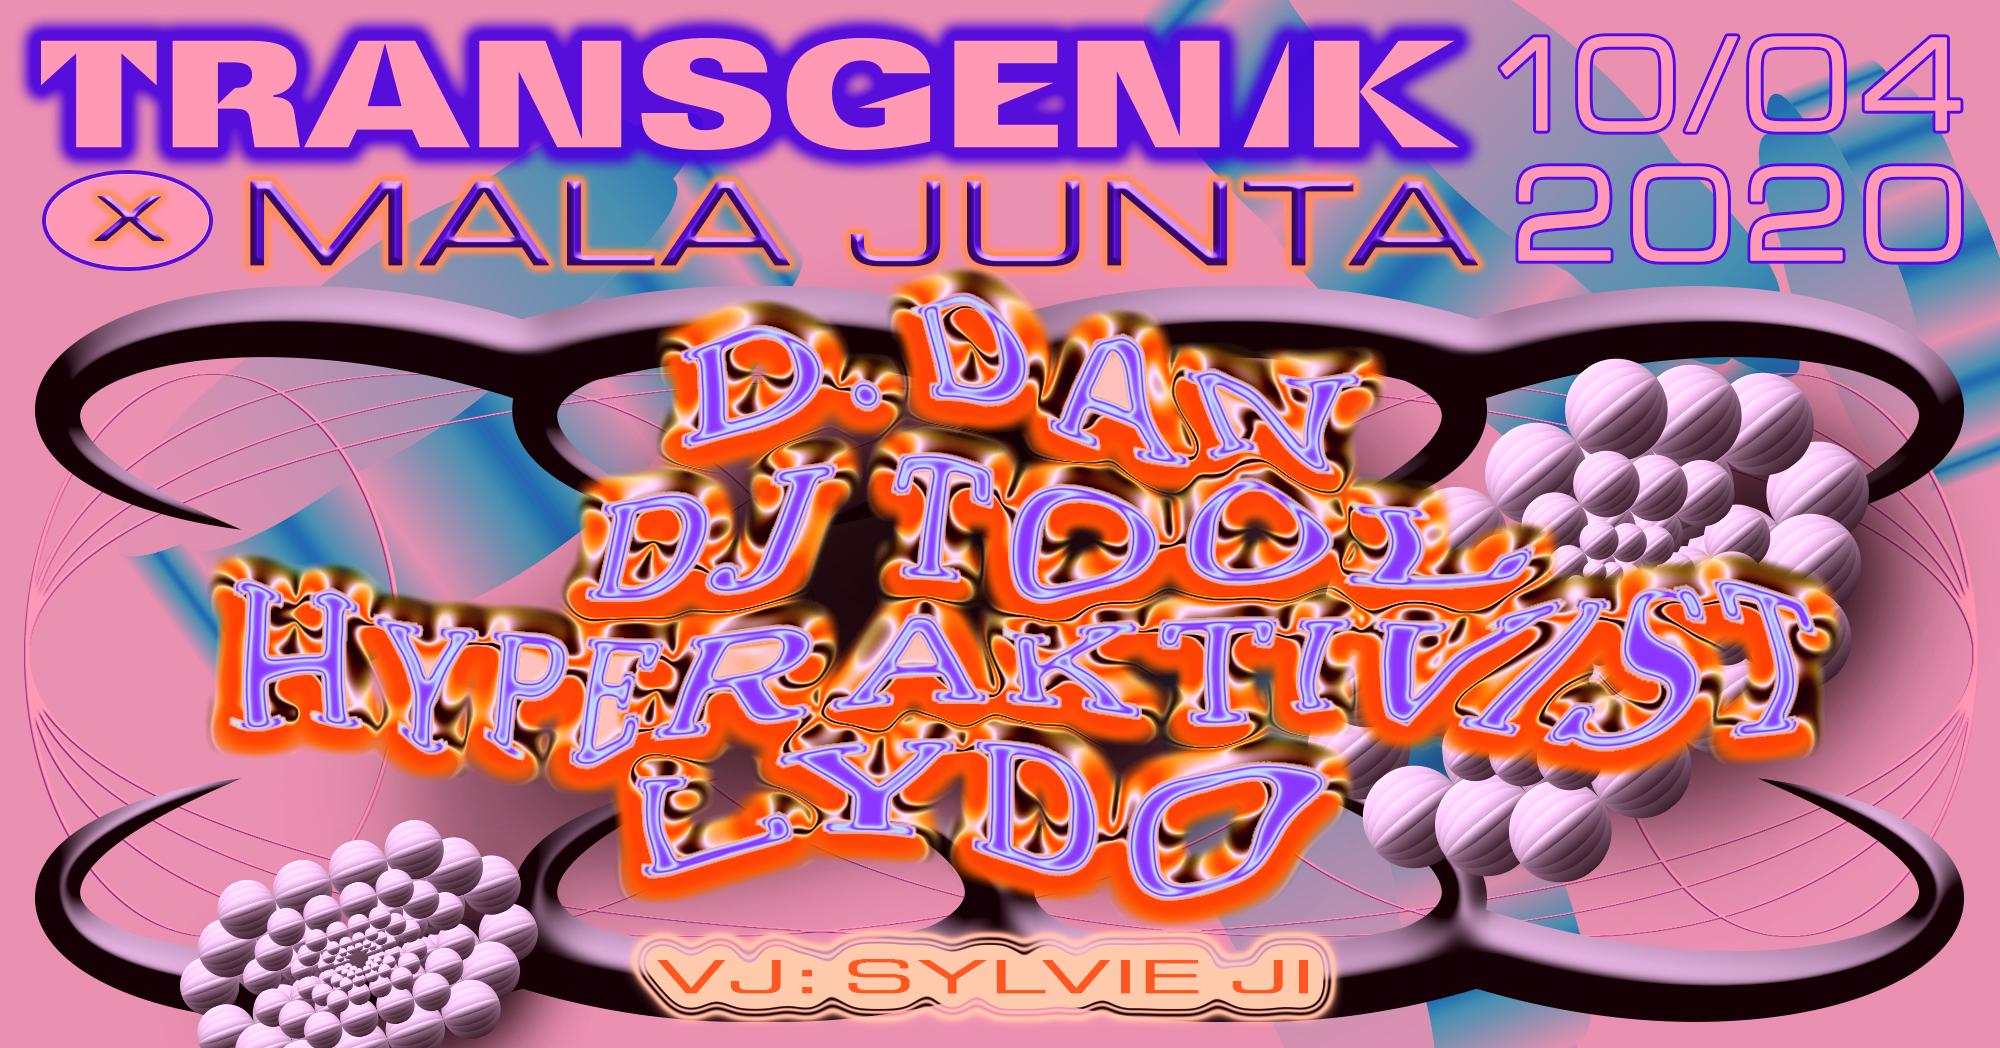 Transgenik x Mala Junta